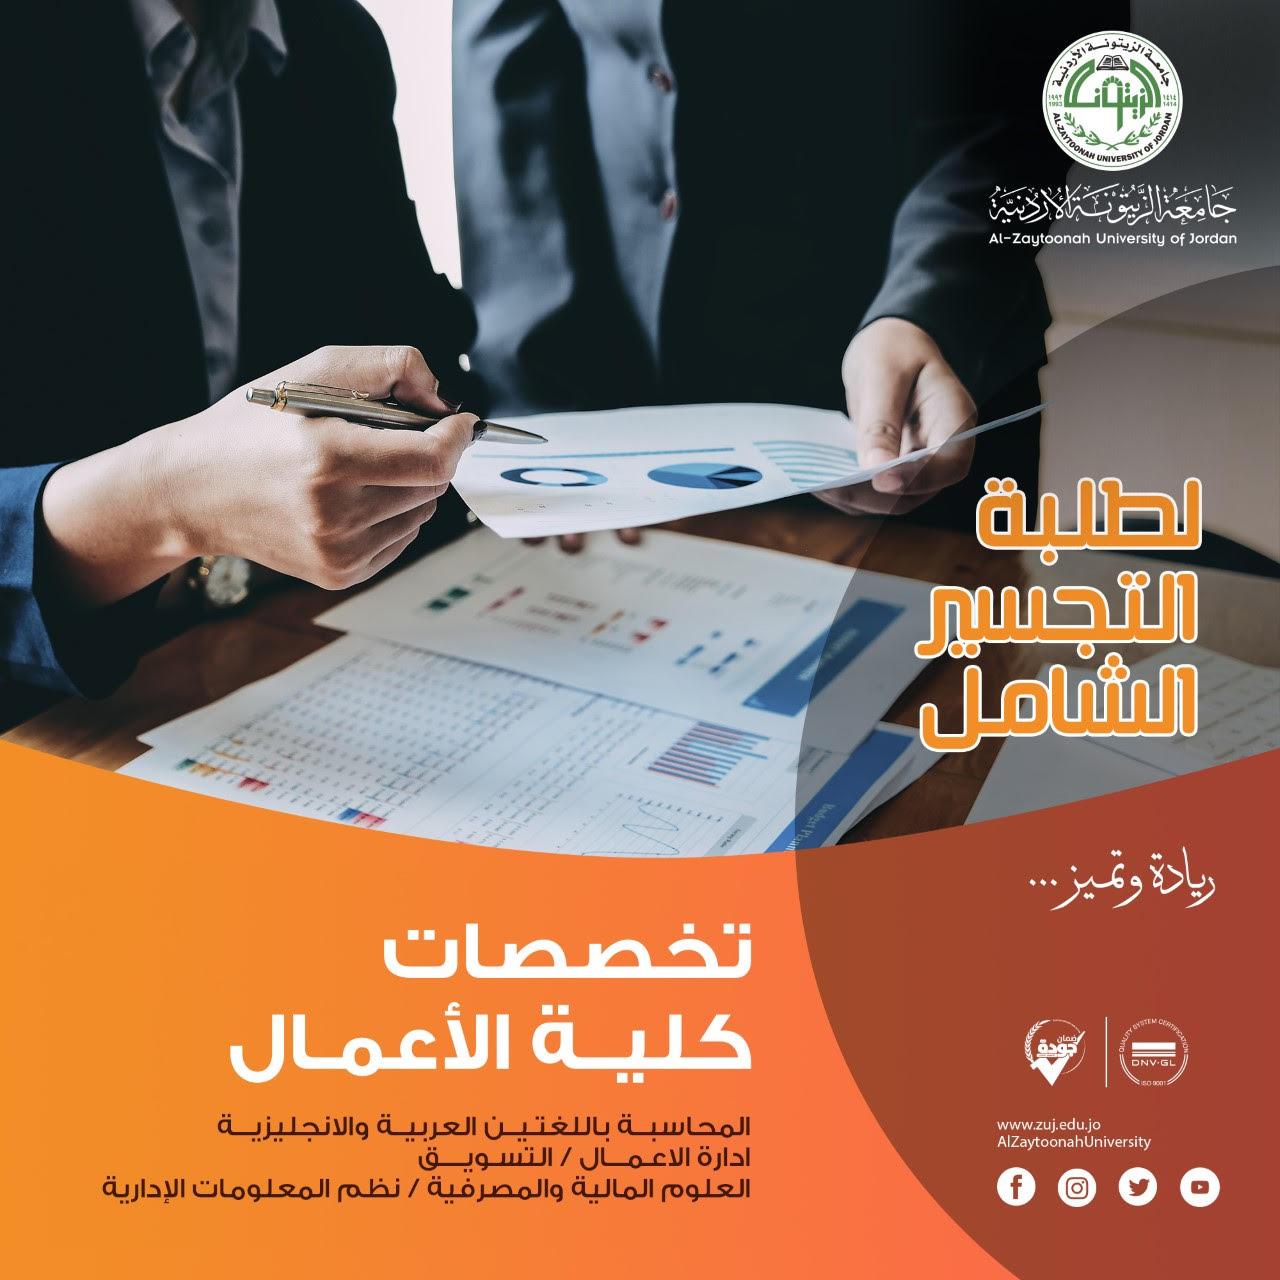 إعلان لطلبة التجسير الشامل من جامعة الزيتونة الأردنية